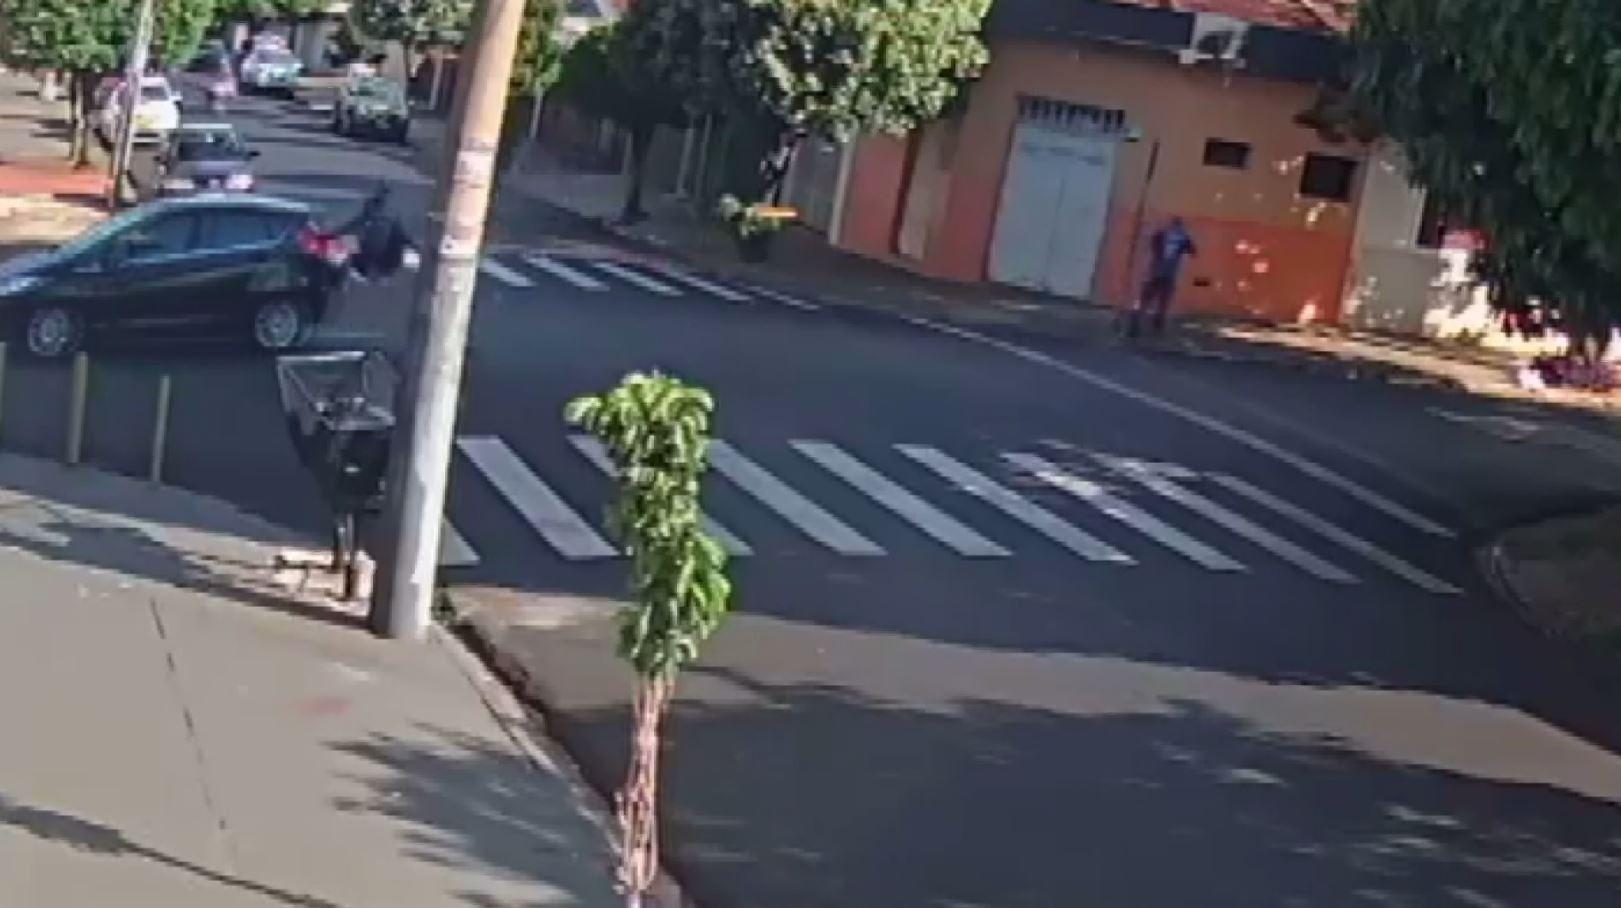 Motociclista é atingido por carro em cruzamento de Ribeirão Preto; vídeo